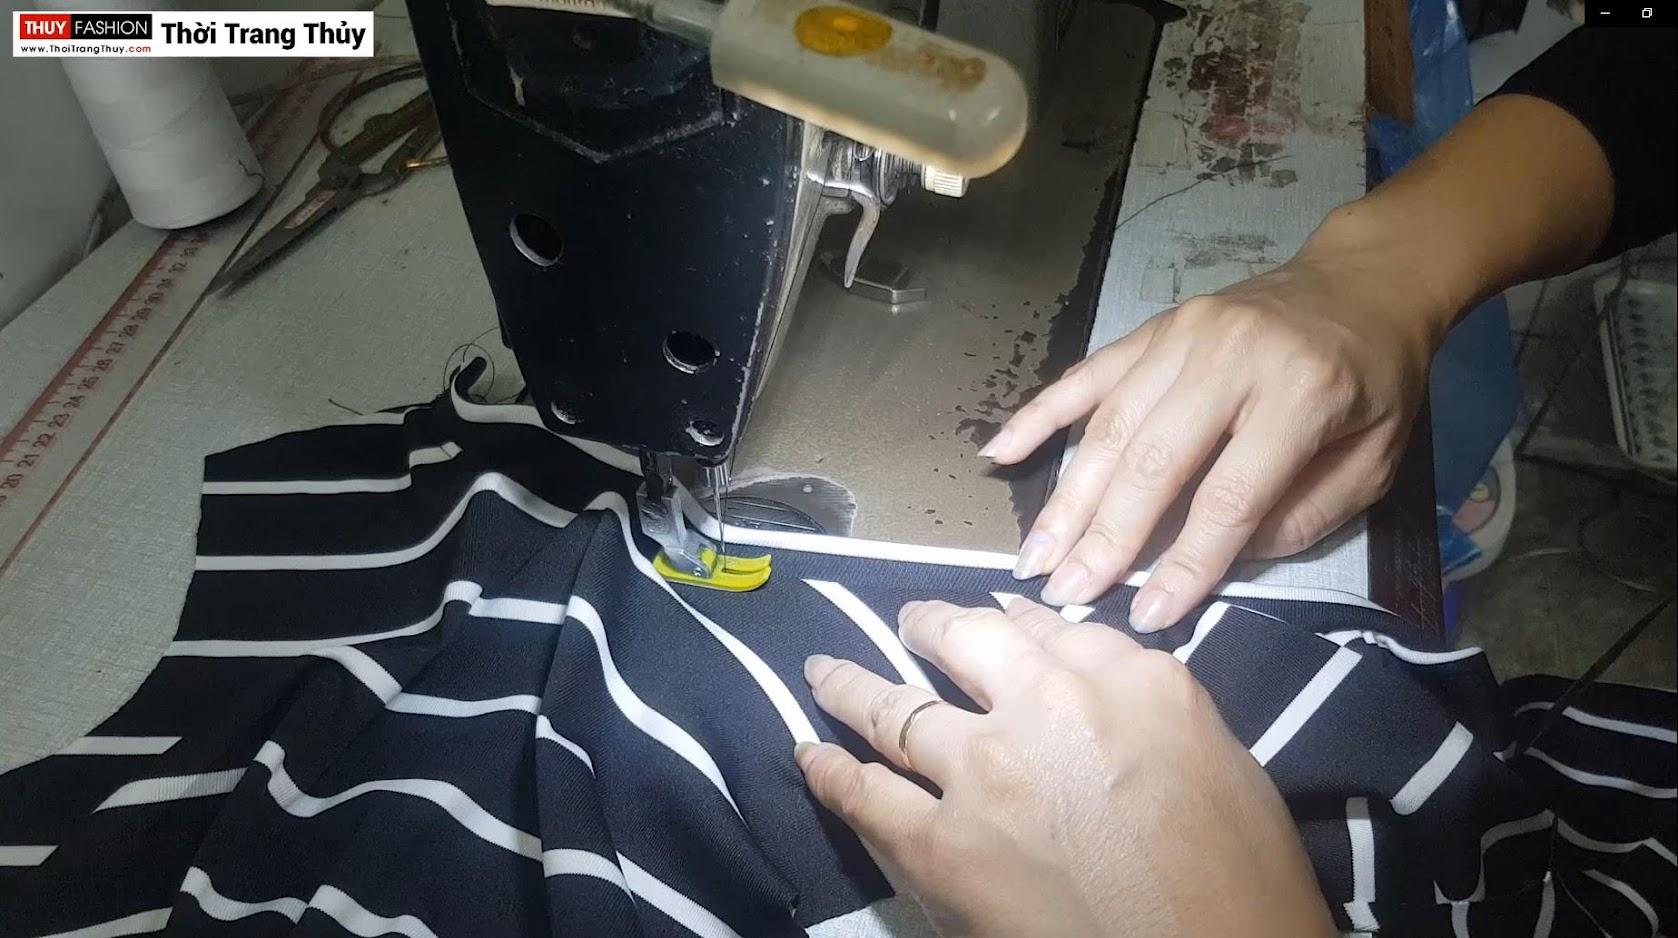 Video Hướng dẫn cách may áo thun nữ vải cotton thời trang thủy ở hải phòng 2